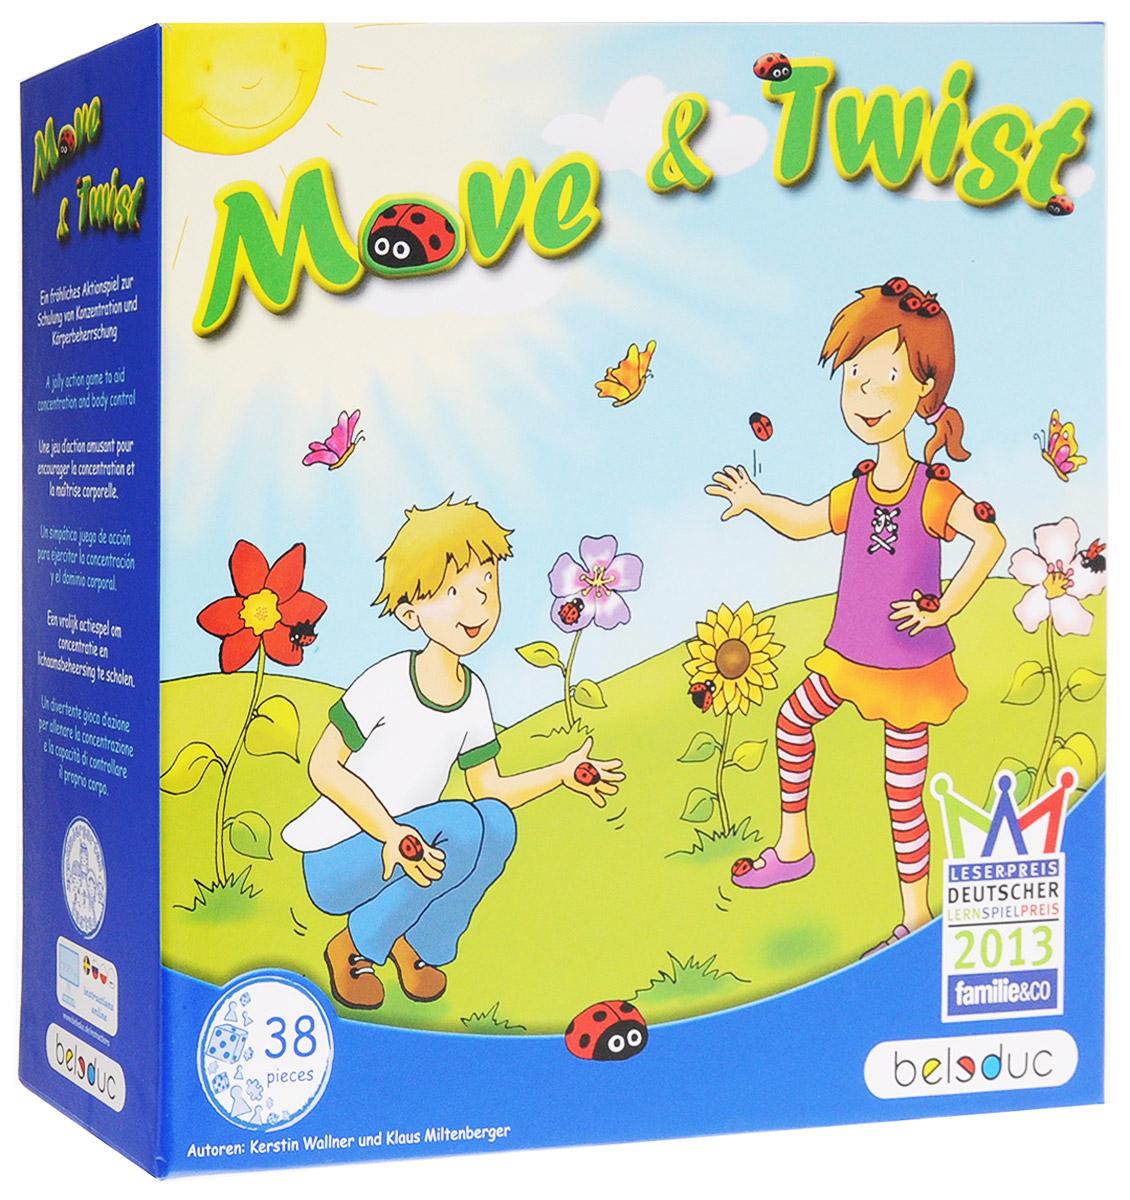 Beleduc Обучающая игра Move&Twist22421Обучающая игра Beleduc Move&Twist - это интересное интерактивное увлечение для малышей. Маленькая божья коровка хочет подняться вдоль стебля прямо к цветку. Но она не может этого сделать без помощи игроков и всевозможных активных физических упражнений. После каждого этапа, божья коровка поднимается немного выше по направлению к цветку. Помогите ей добраться до самого верха. Цель игры состоит в том, что божья коровка хочет перелететь со стебля на цветок, но она не может сделать это без помощи игроков. Игроки должны имитировать действия божьей коровки (ползать, летать). После каждого задания она продвигается все ближе и ближе к цветку. Победителем станет тот игрок, чья божья коровка быстрей доберется до цветка. Веселая динамичная игра от Beleduc Move&Twist вызовет восторг у вашего ребенка и поможет в развитие концентрации внимания и координации движений.